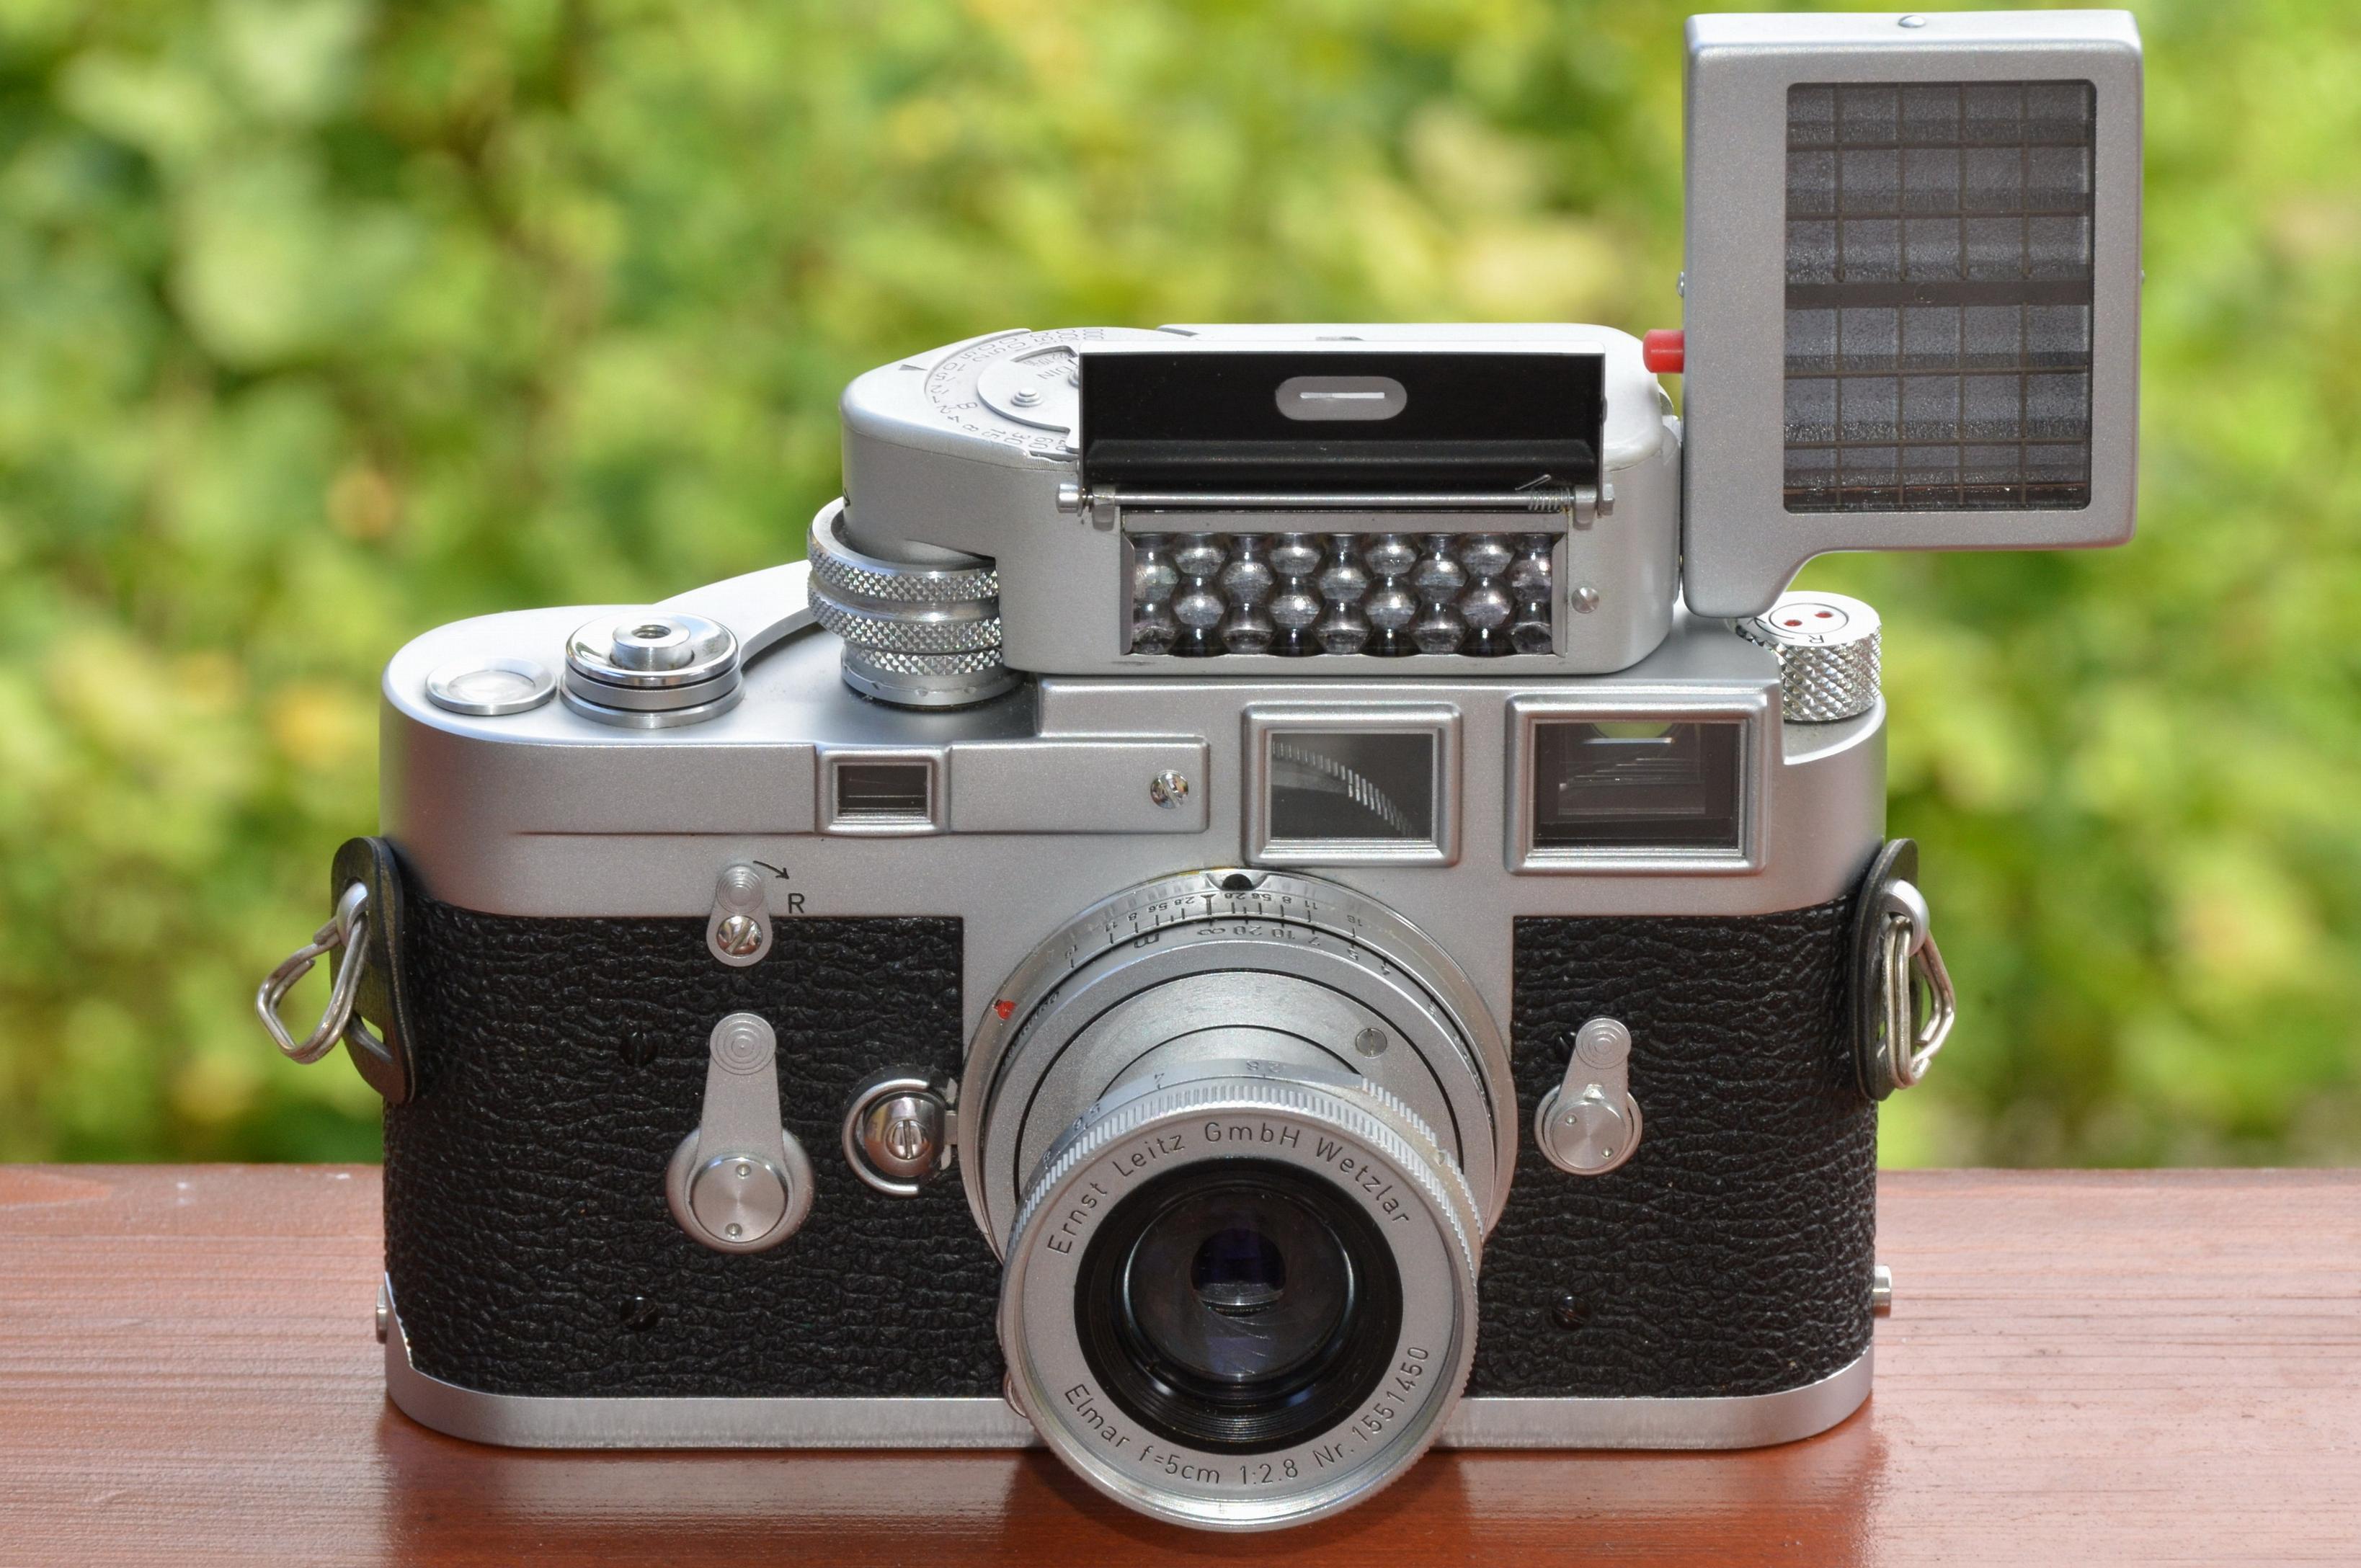 лейка фотоаппарат где производят раз ищу что-то